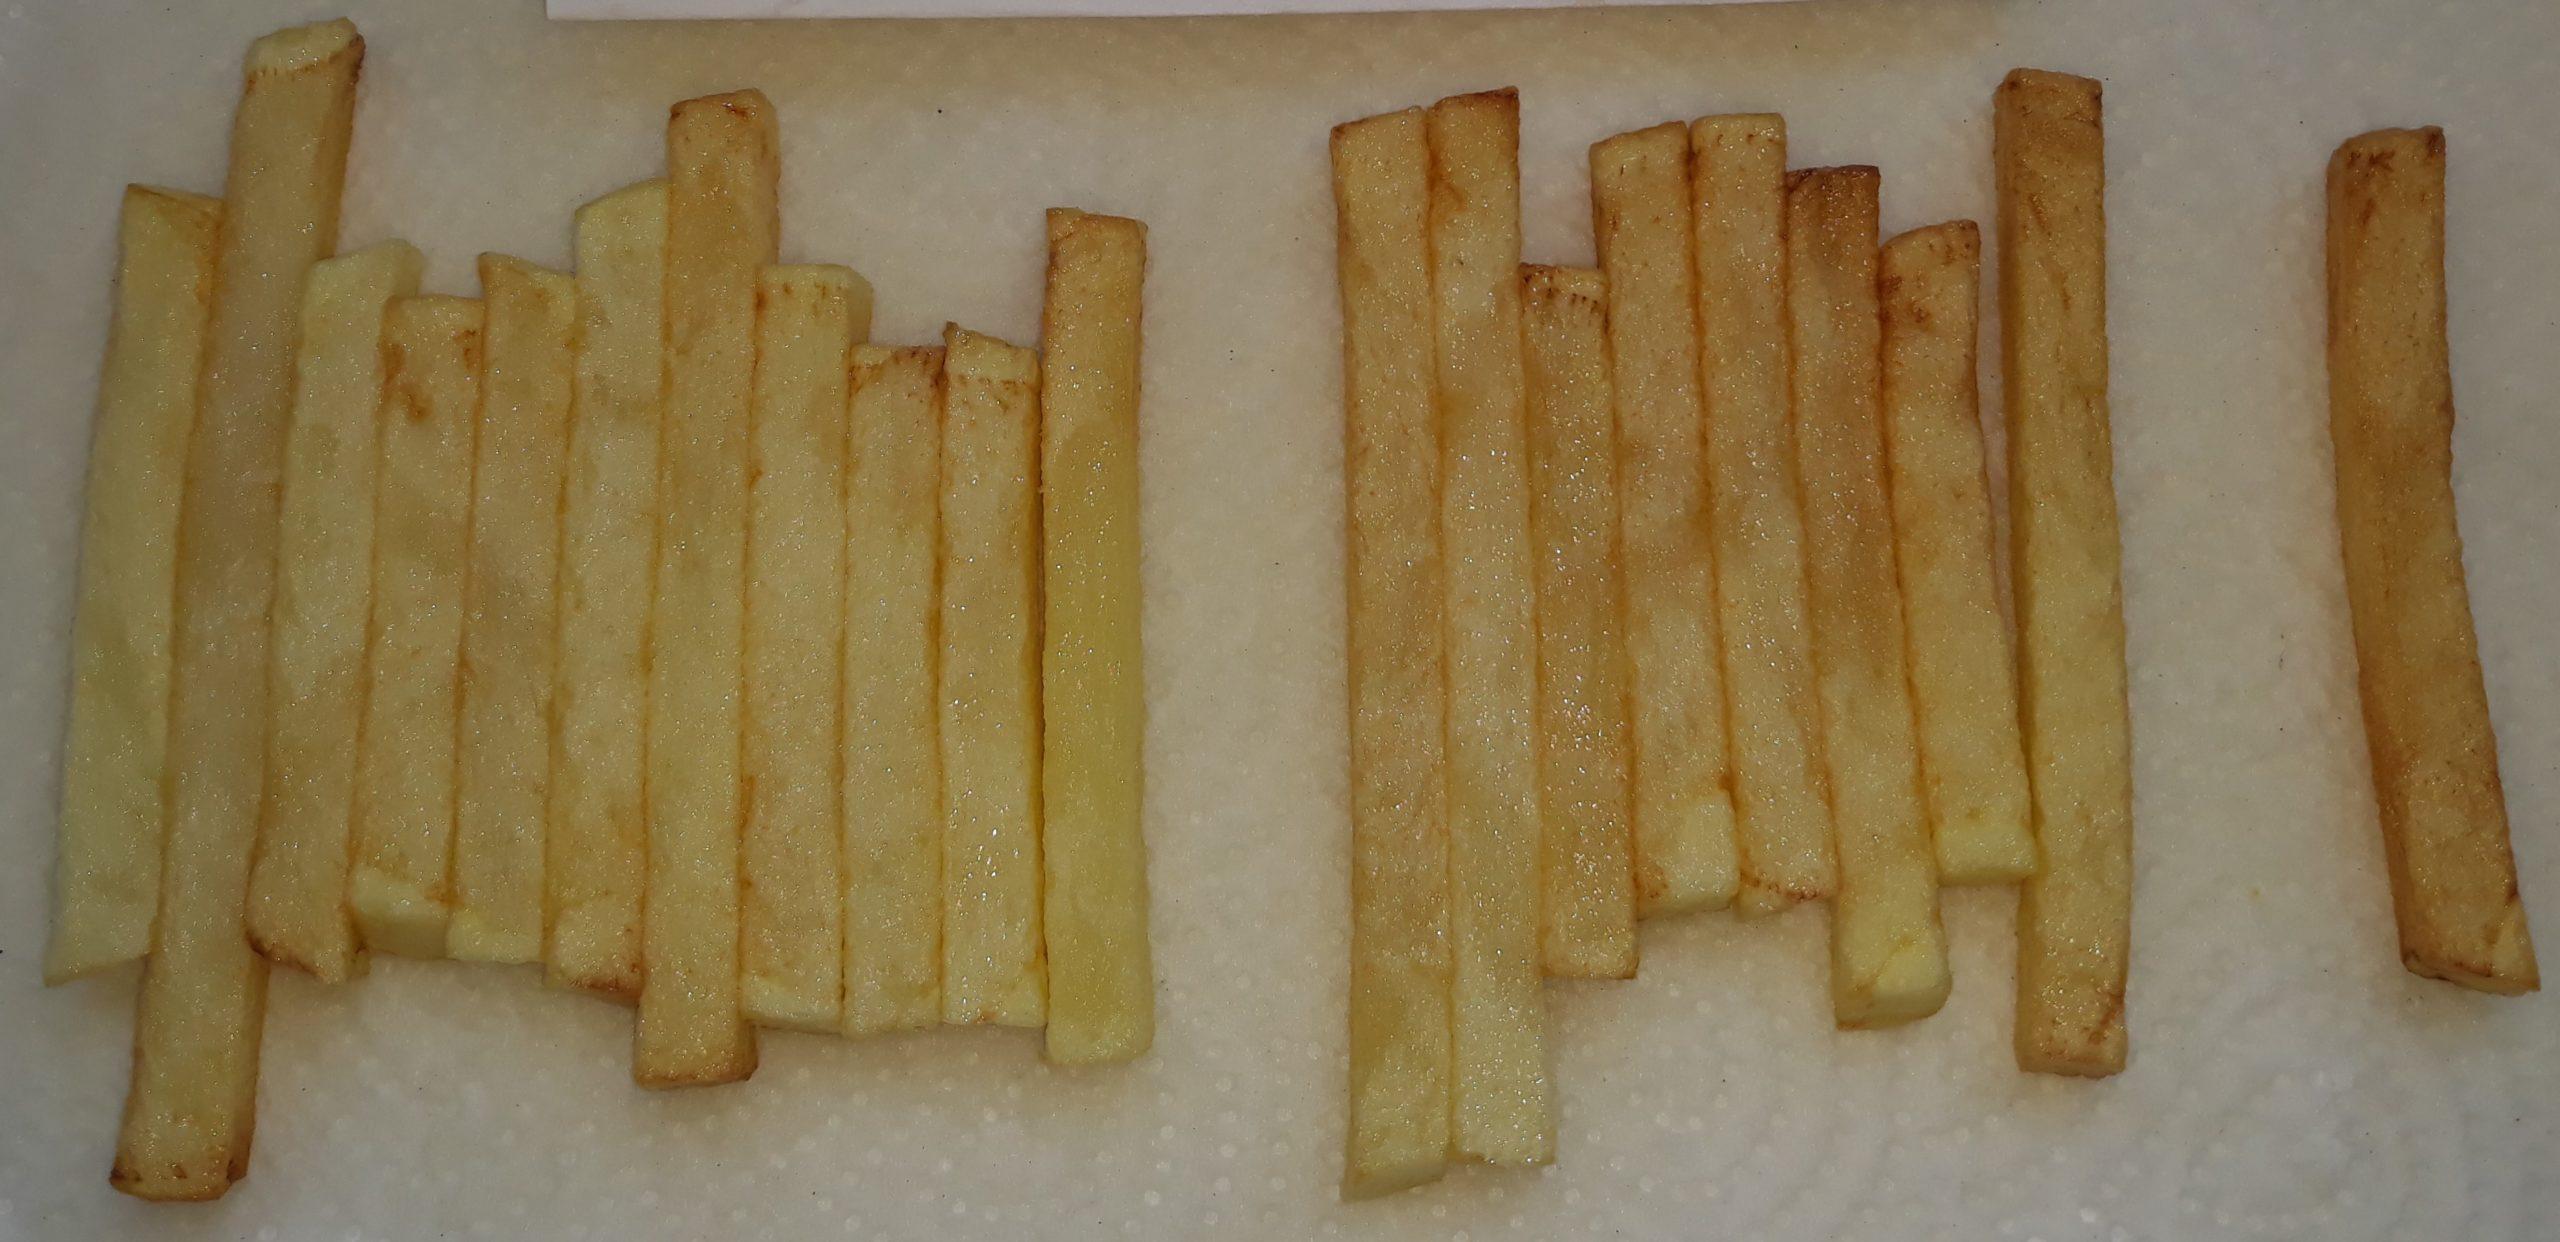 Evaluation de la valeur culturale et d'utilisation des meilleures variétés de pommes de terre en termes de résistance au mildiou du feuillage